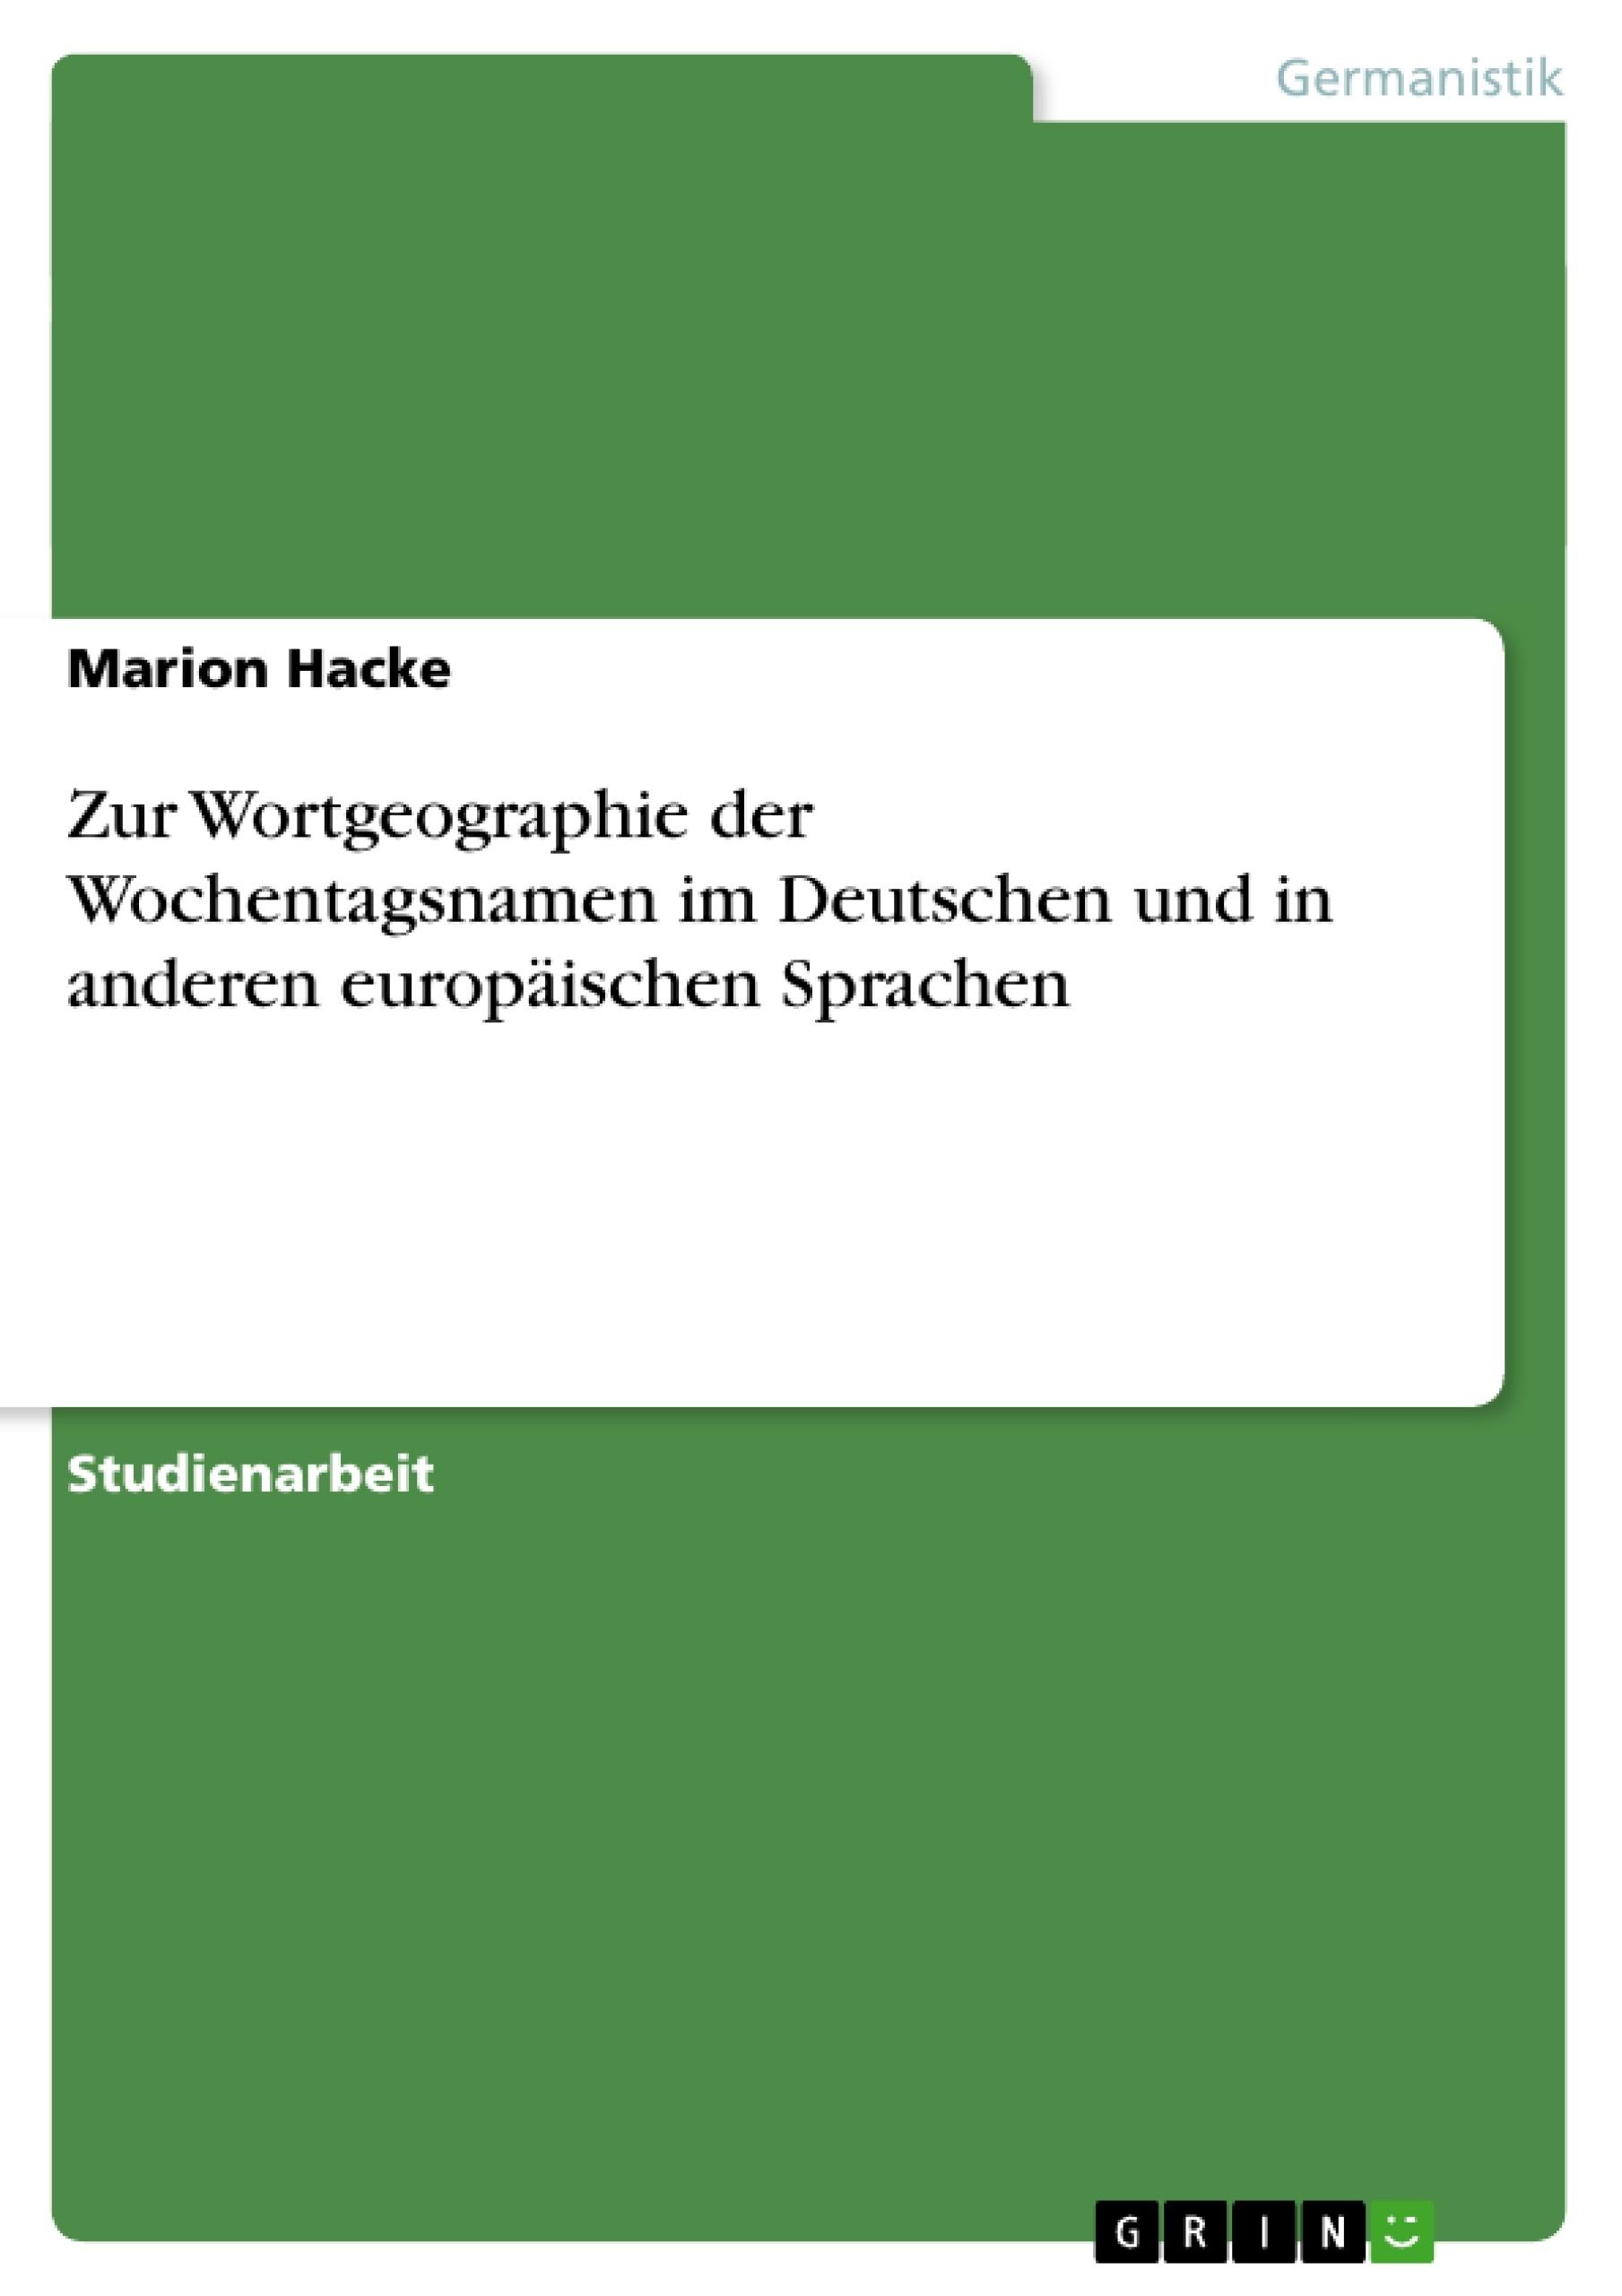 Titel: Zur Wortgeographie der Wochentagsnamen im Deutschen und in anderen europäischen Sprachen